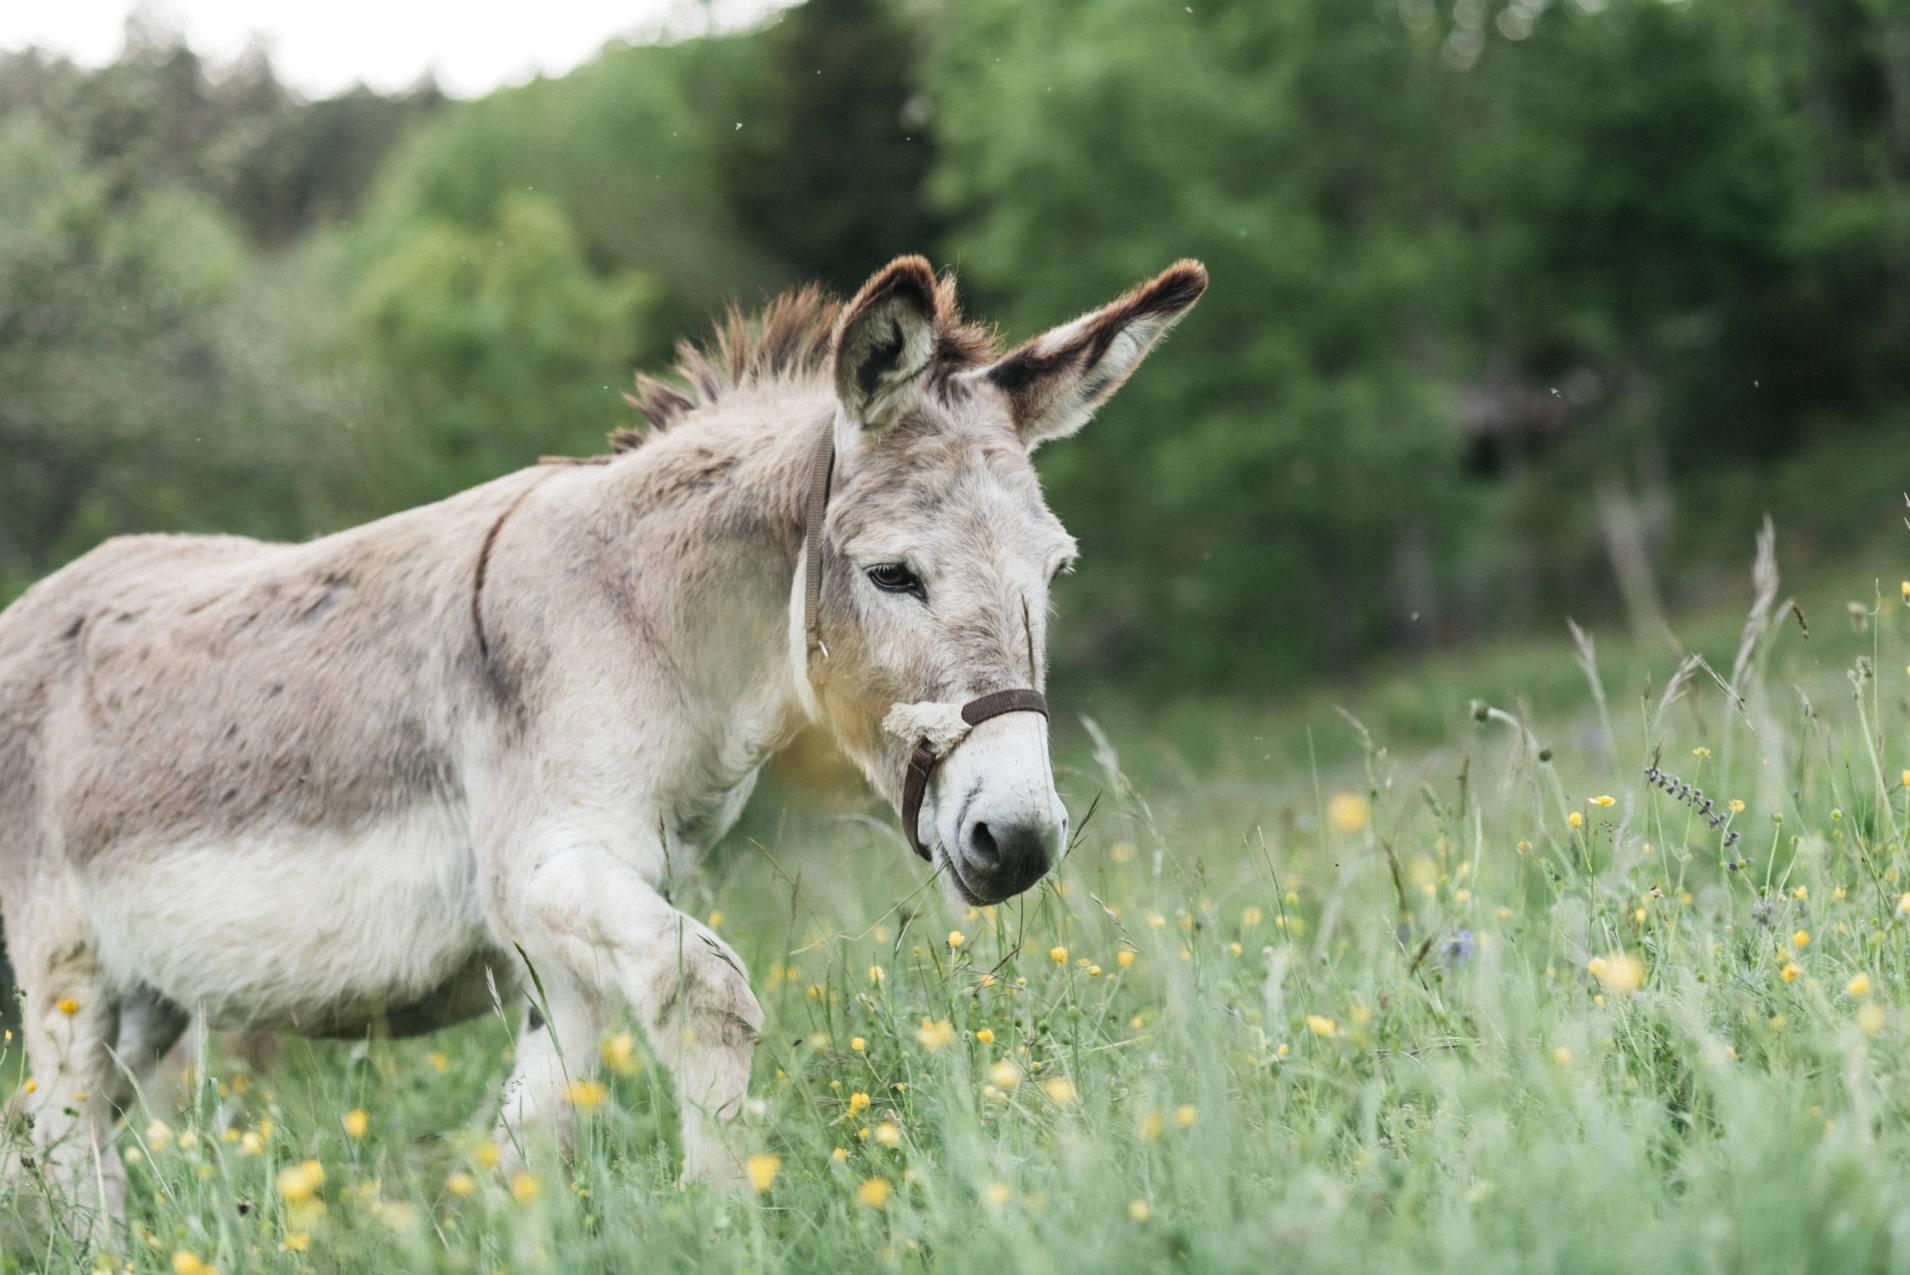 Un âne de bât retrouve le pré - photo Maité Baldi